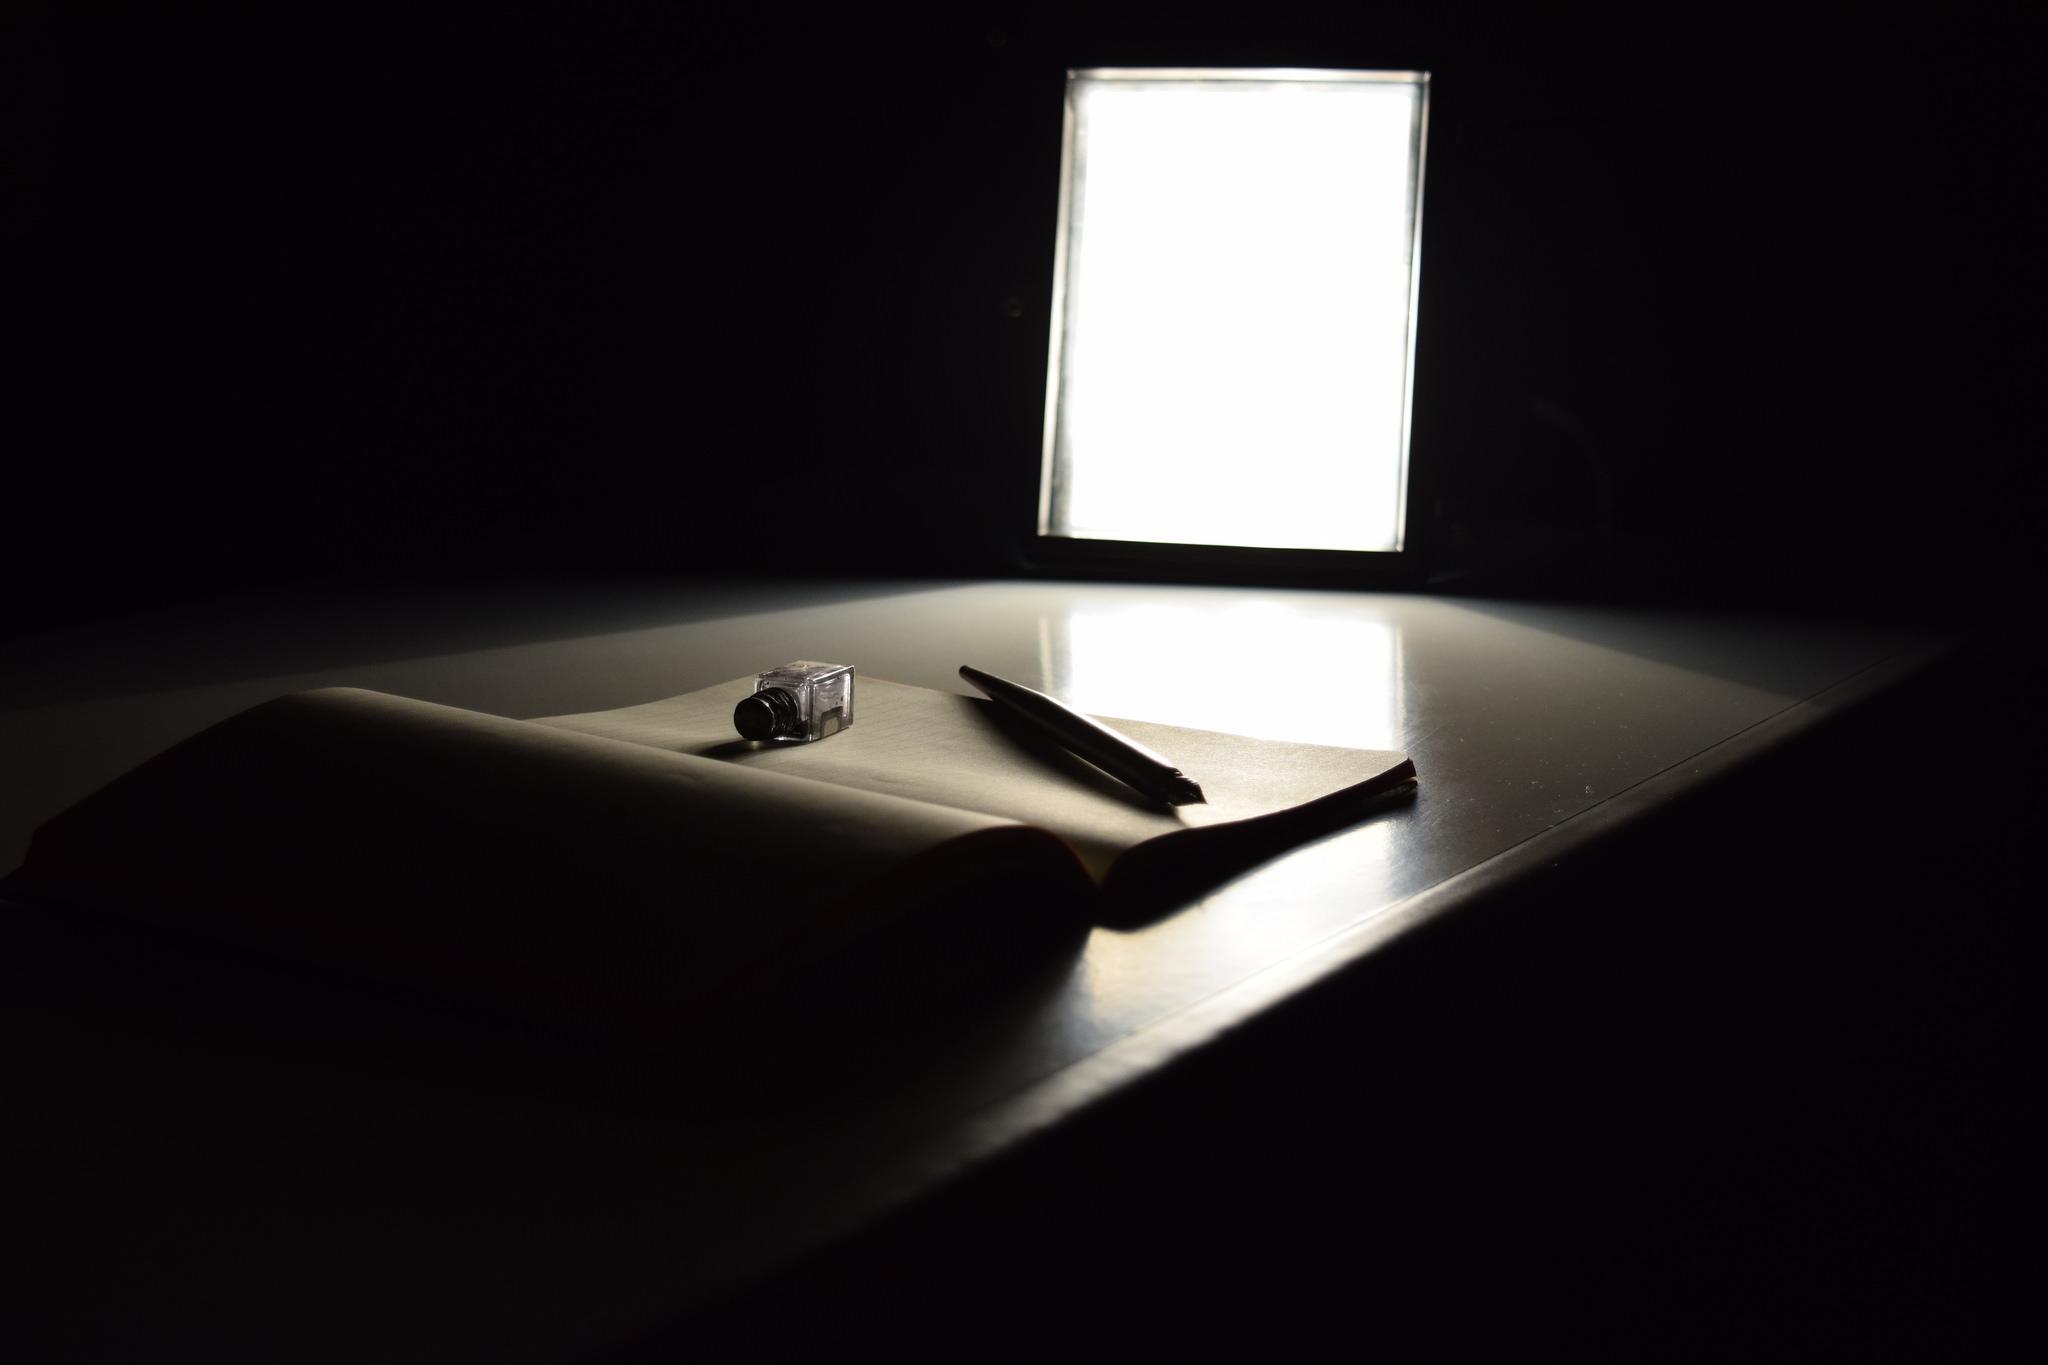 Una penna poggiata su un quaderno bianco che richiama l'idea del blocco dello scrittore